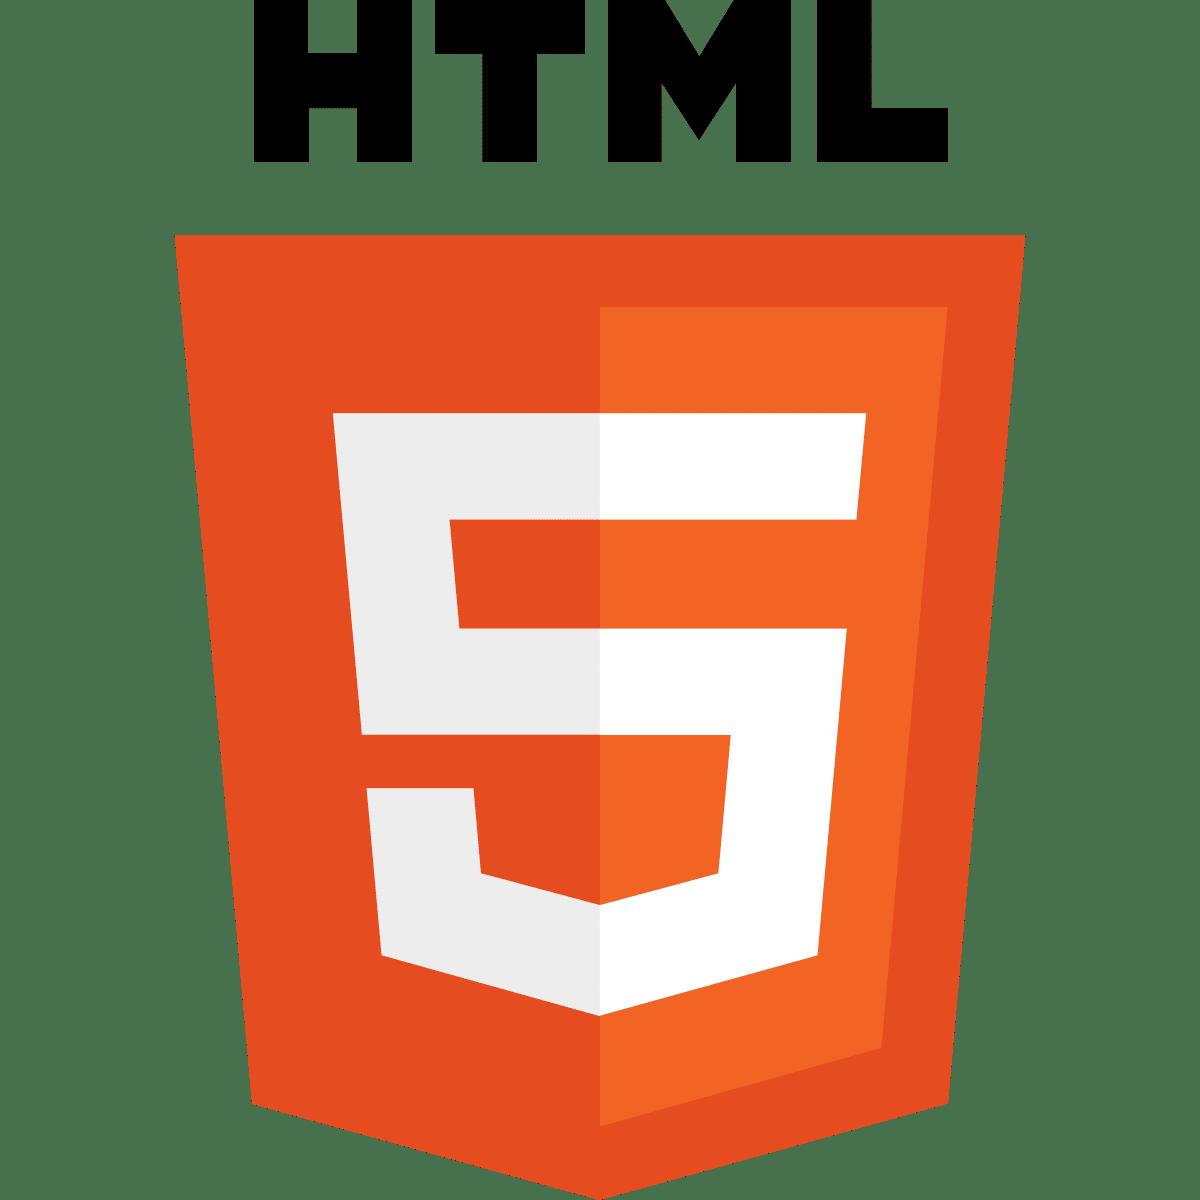 il logo di html5